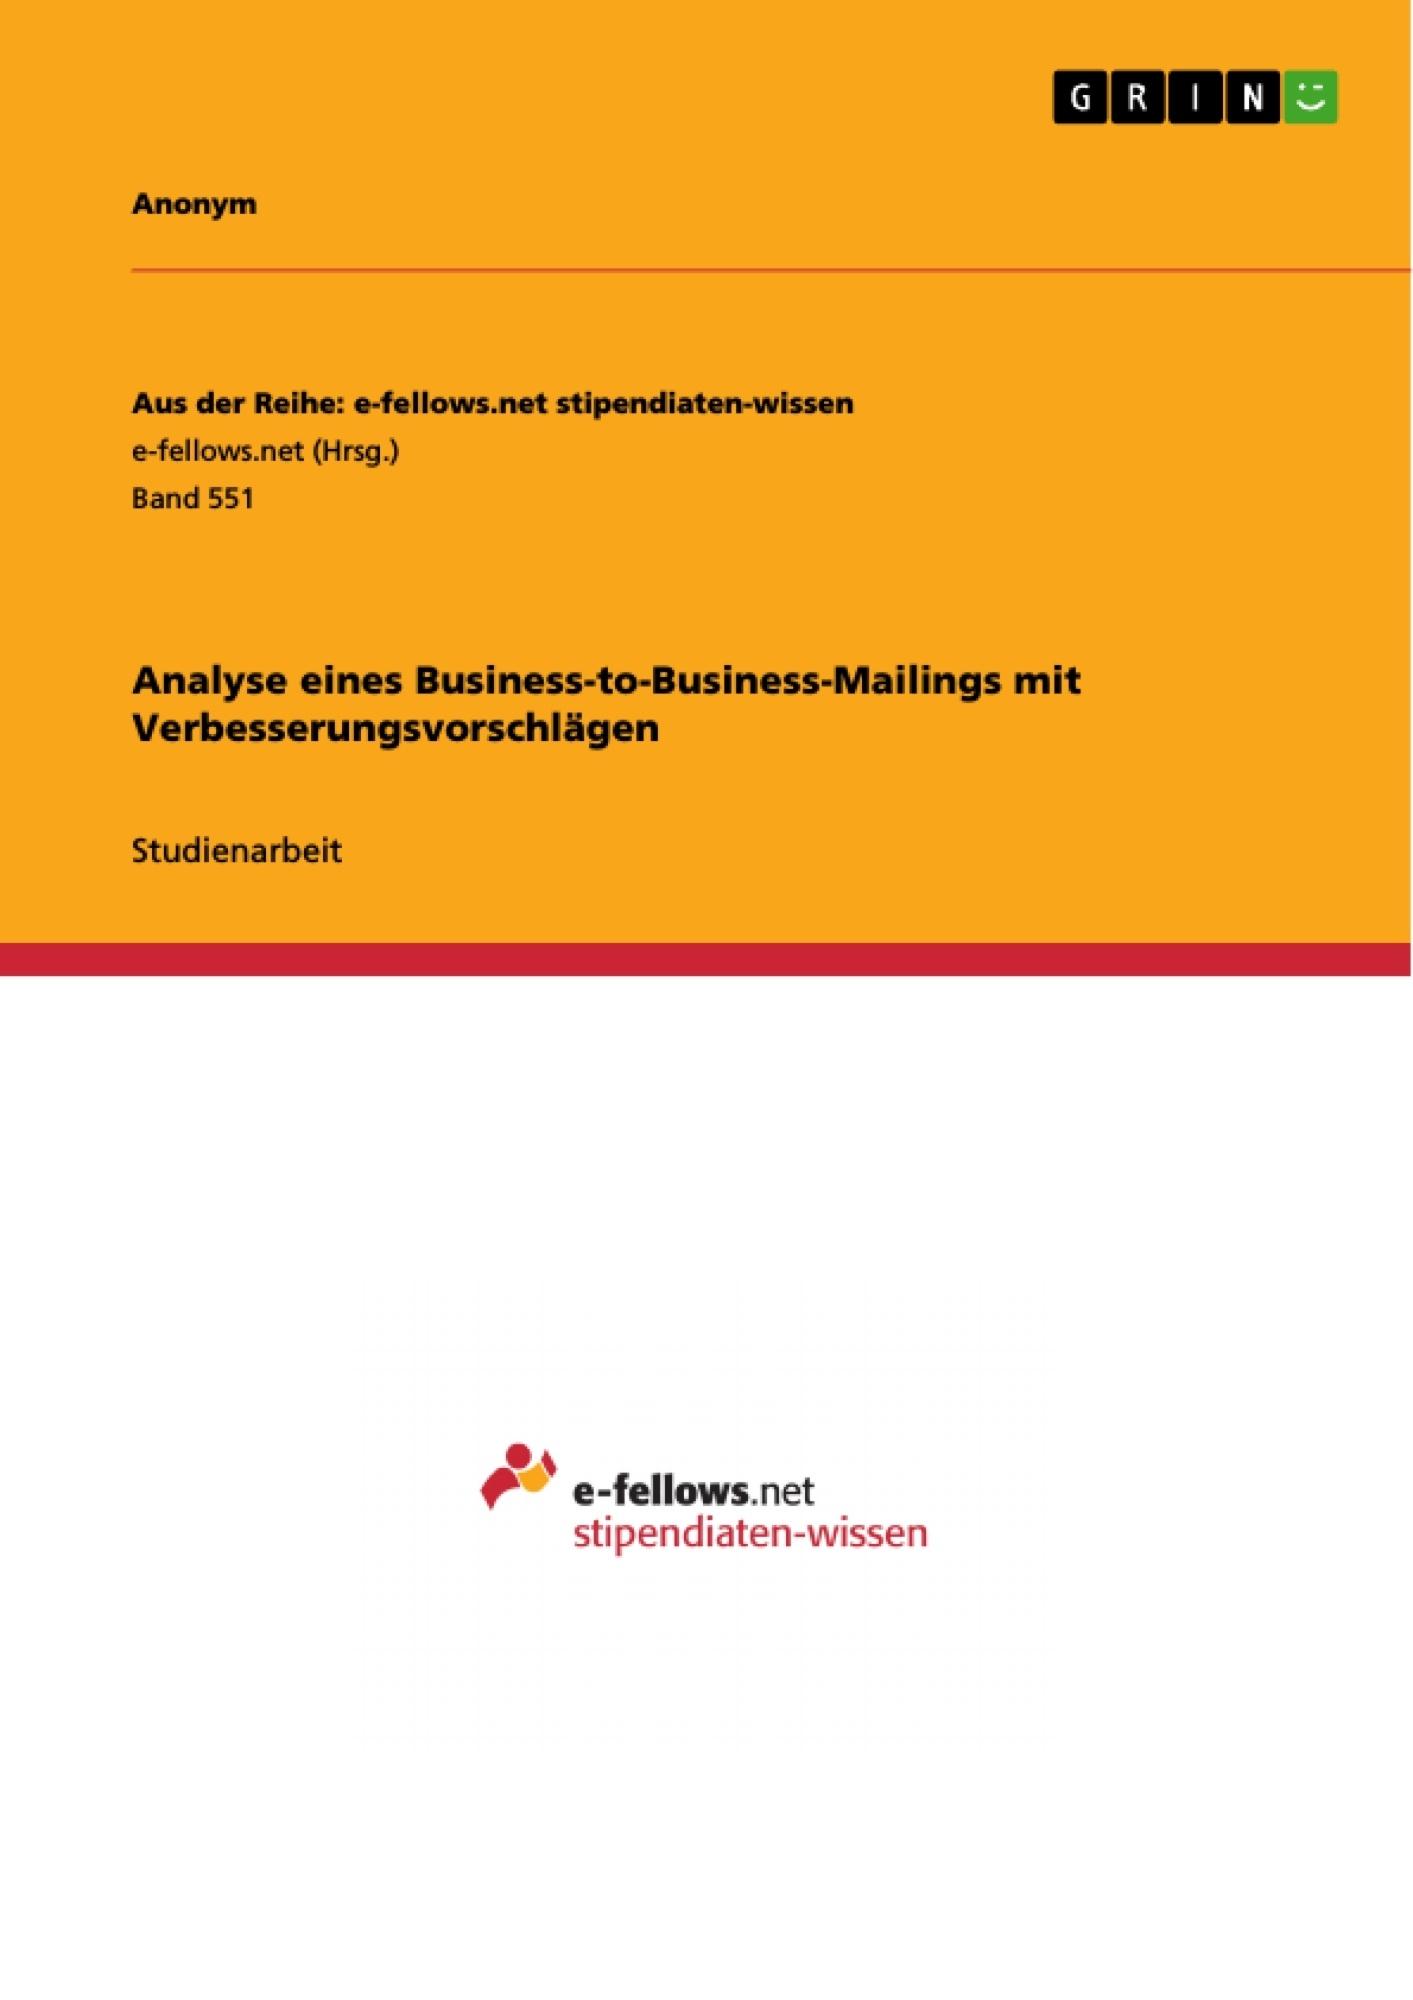 Titel: Analyse eines Business-to-Business-Mailings mit Verbesserungsvorschlägen